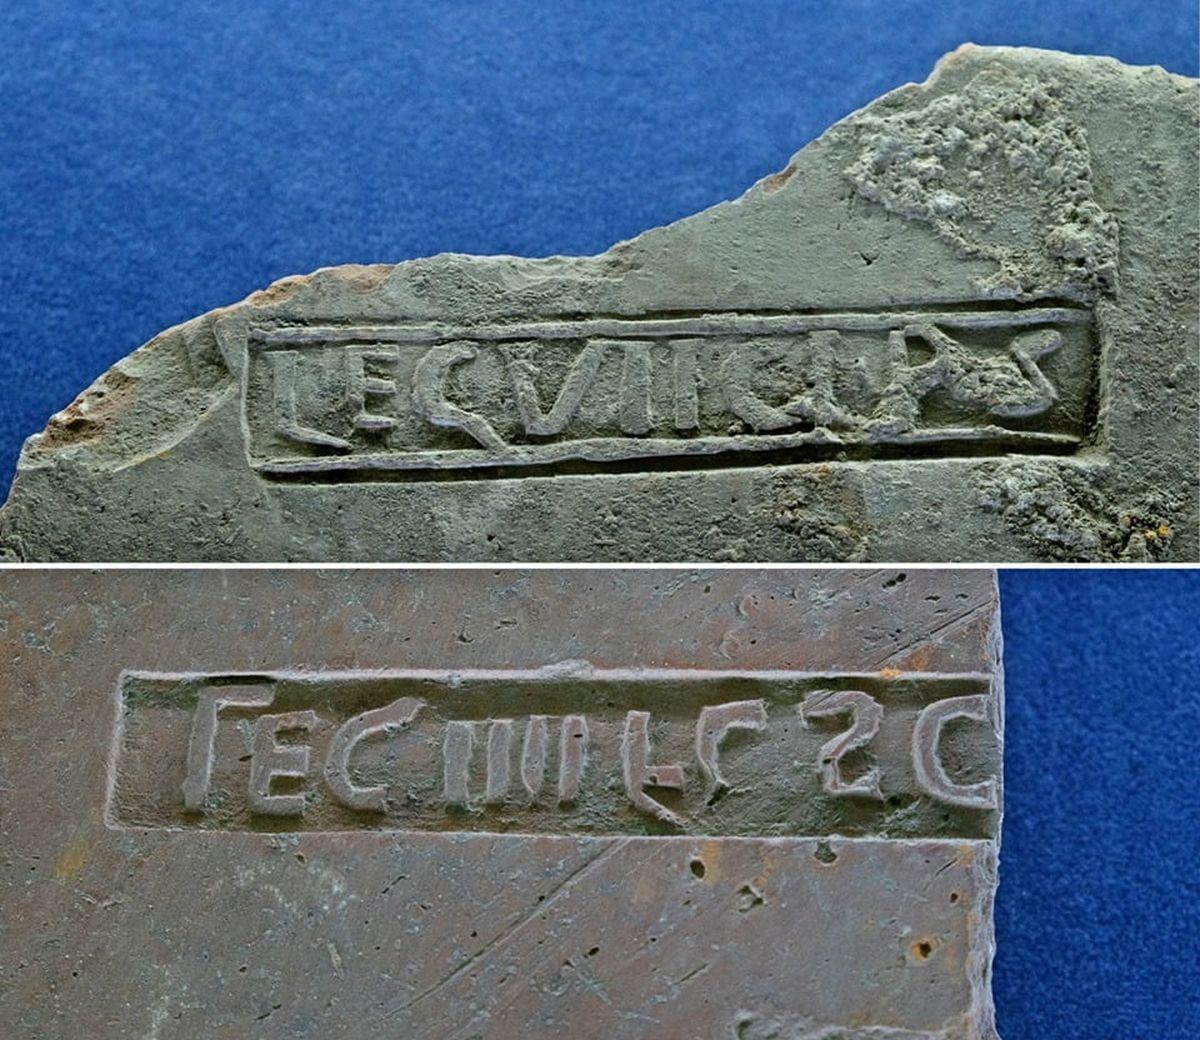 Legion markings on bricks